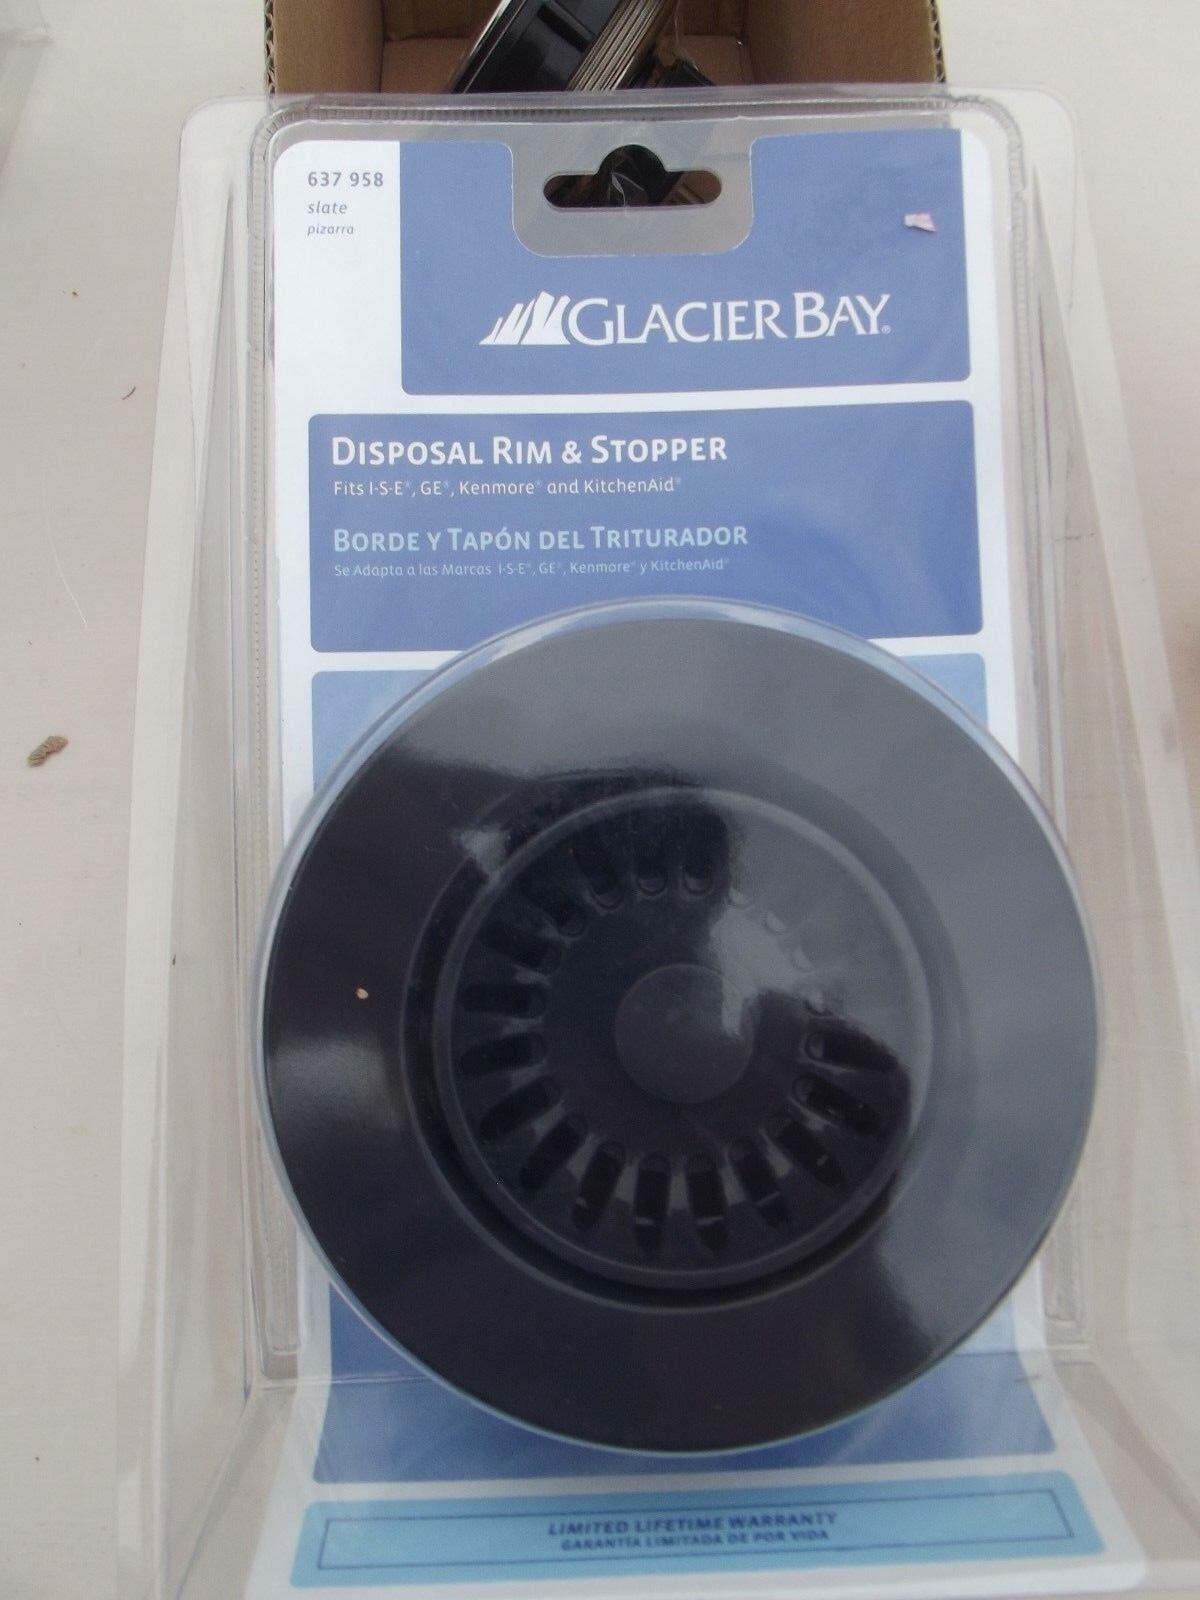 Glacier Bay Disposal Rim and Stopper in Slate 02557 | eBay